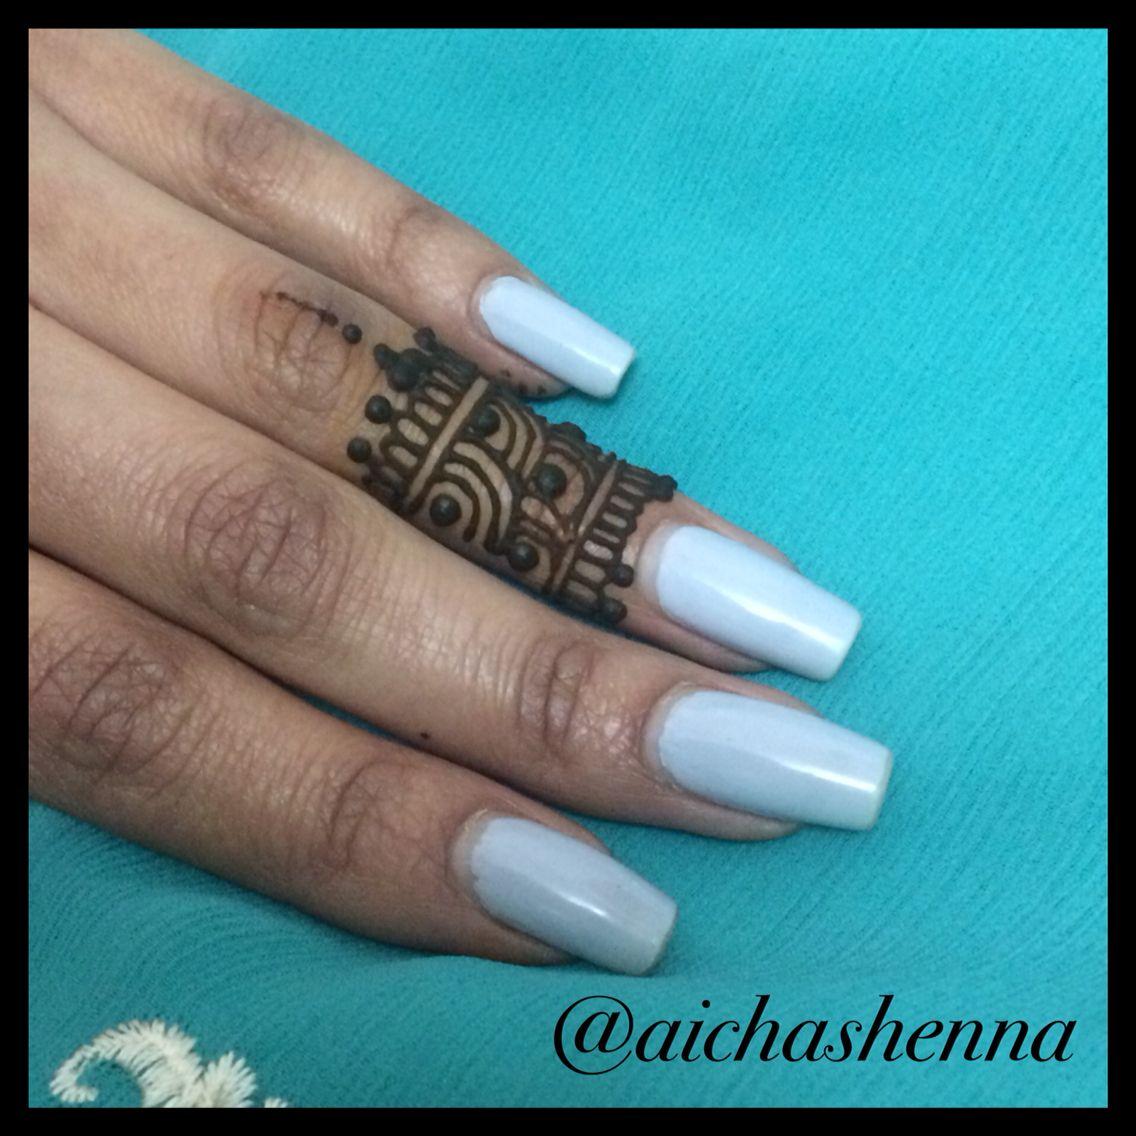 Henna/Mehndi by #aichashenna #henna #hennaart #hennalove #hennaartist #hennadesign #Mehndi #mehndidesign #mehndiart #mehndilove #mehnditattoo #hennatattoo #menhdi #menhdidesign #simple #simpledesign #ring #ringdesign